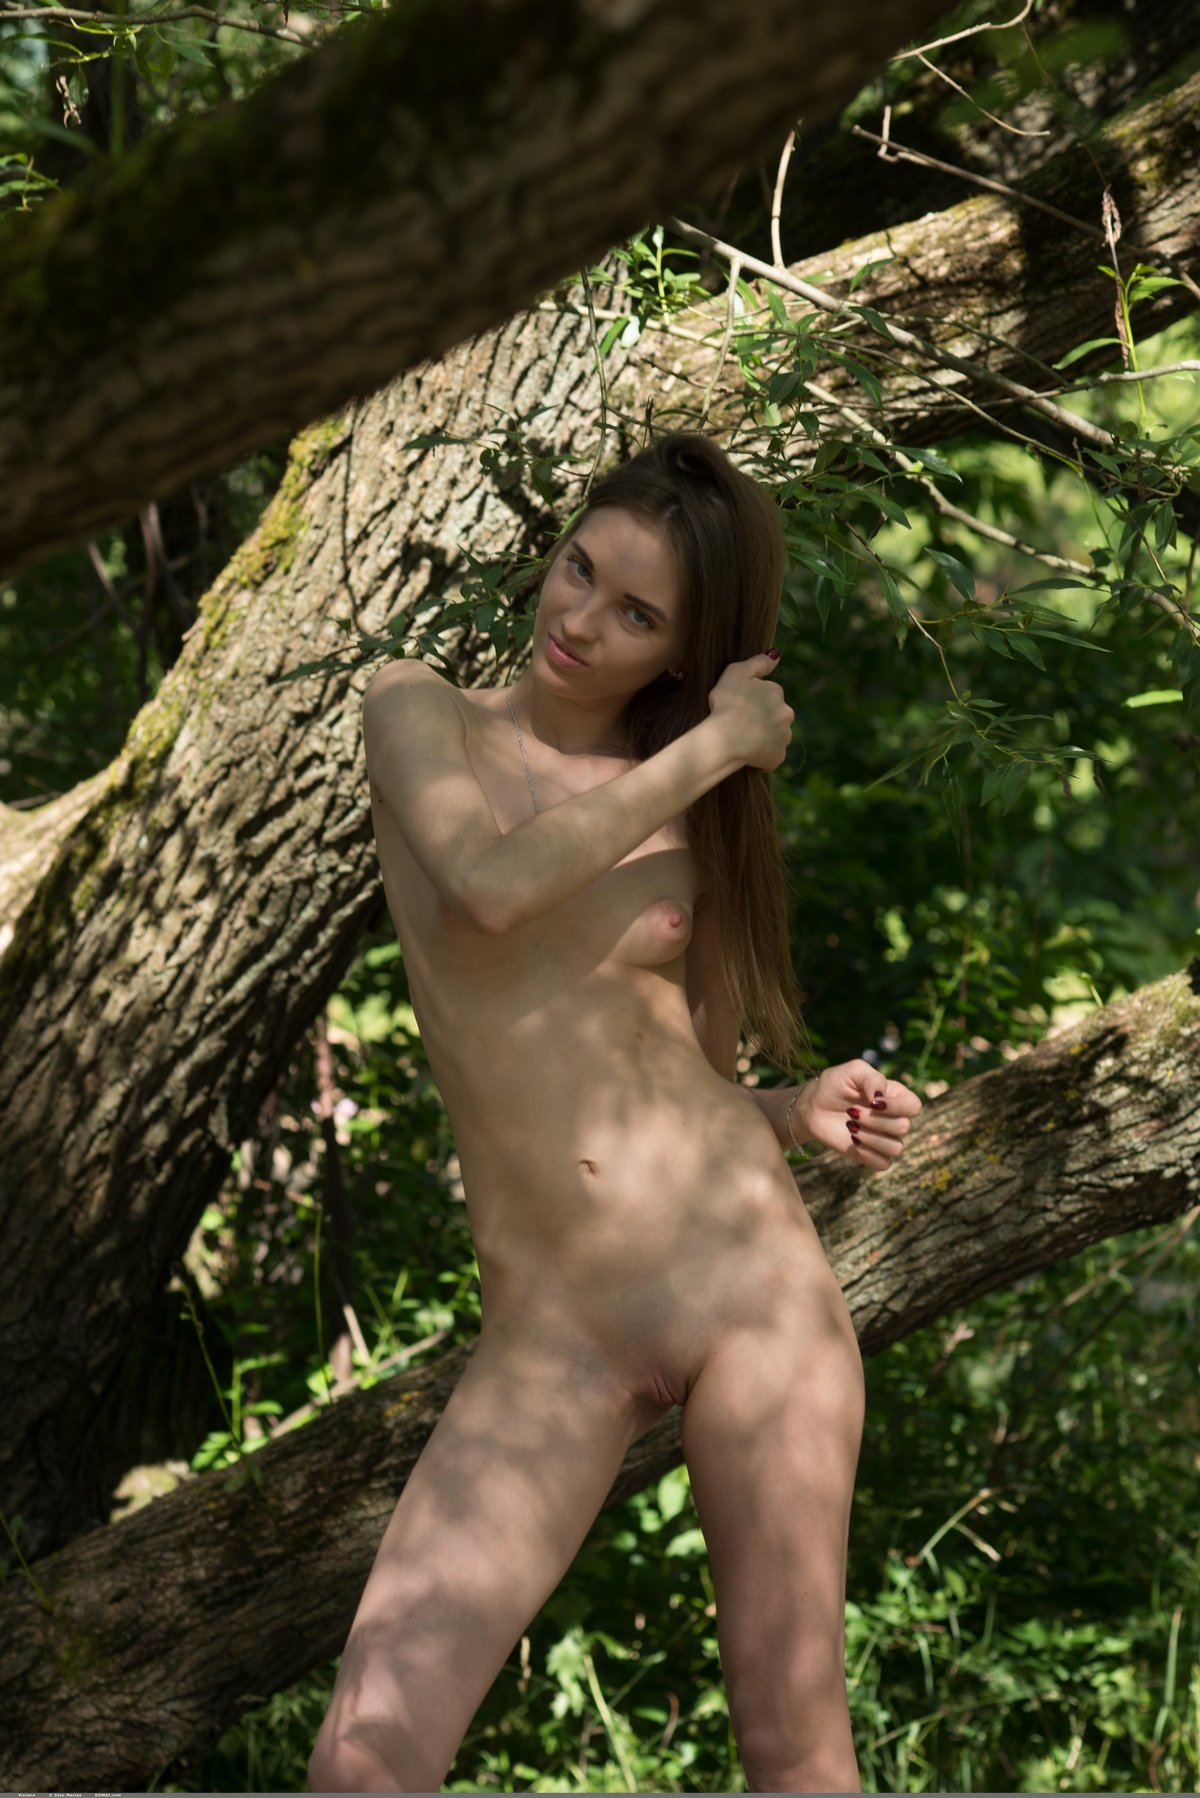 Худая кобыла фотомодель раздетая на дереве смотреть эротику